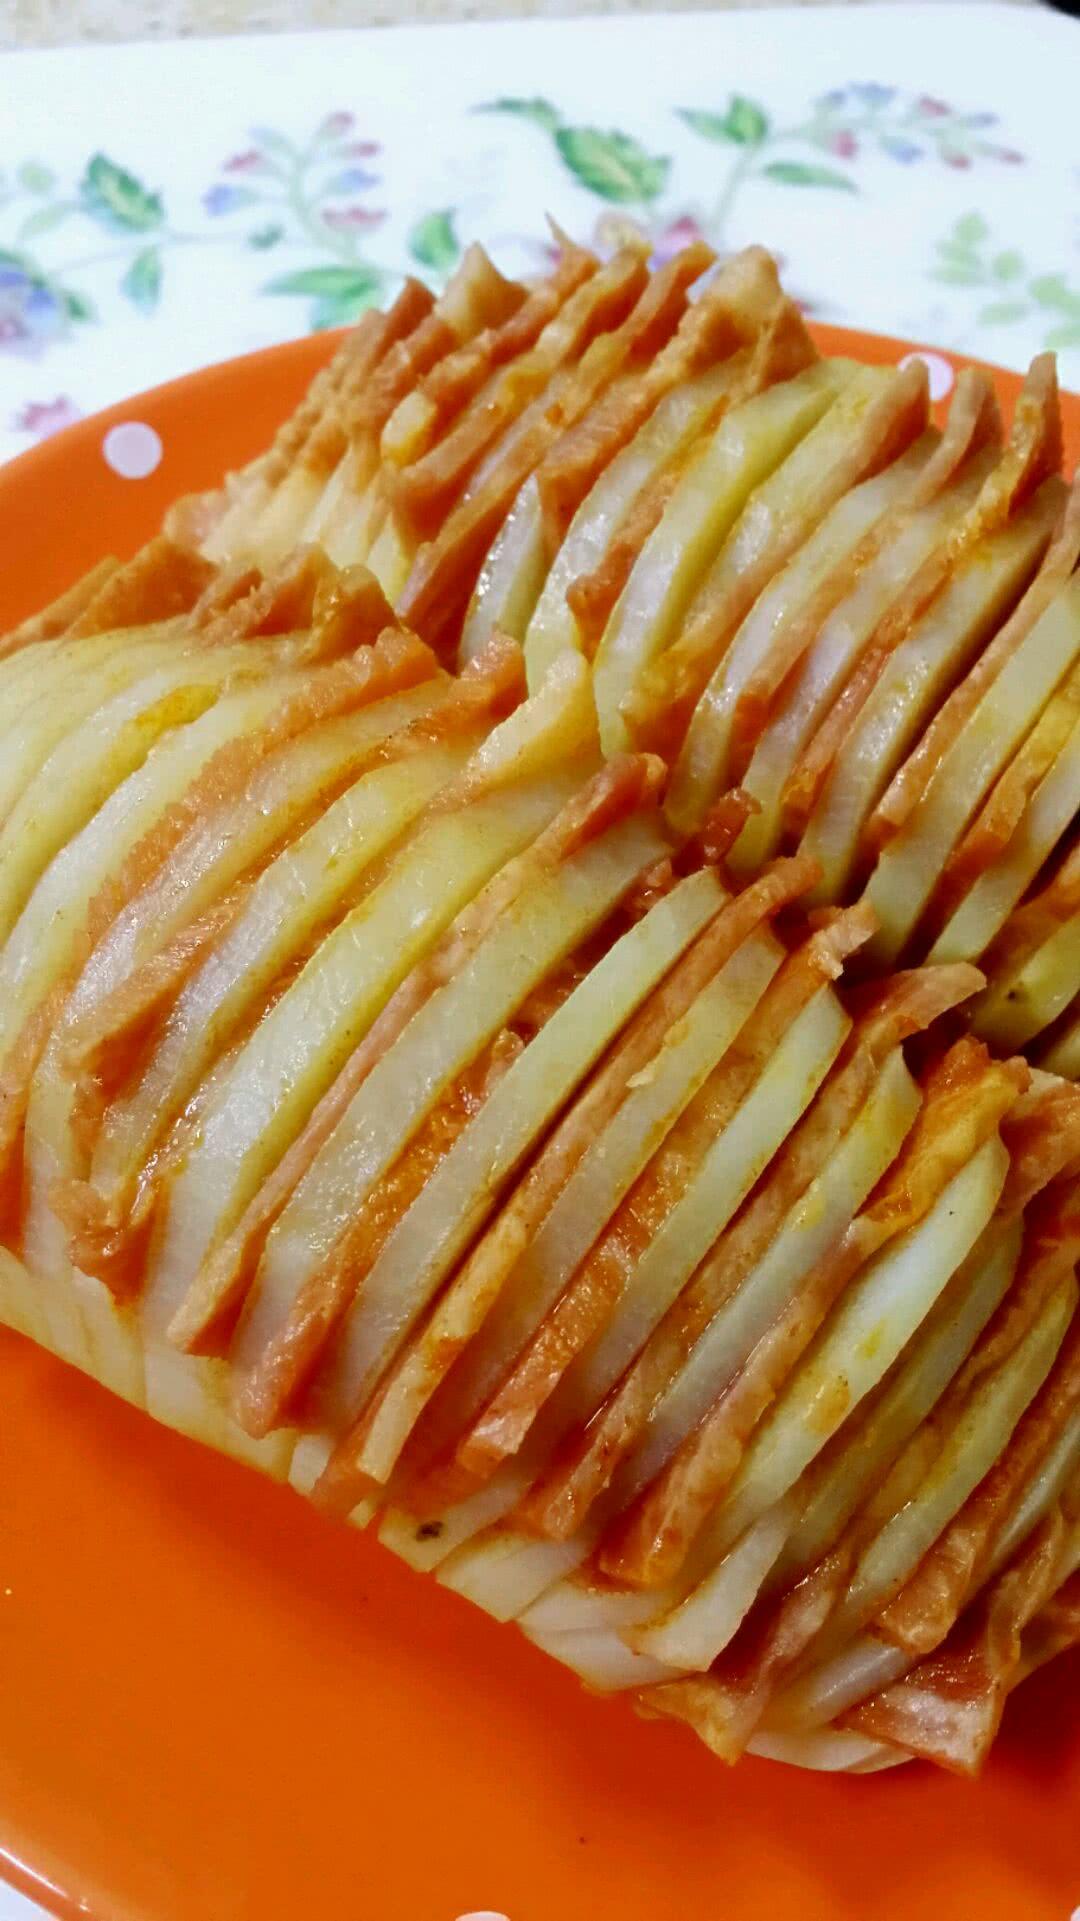 培根~風琴土豆的做法圖解6